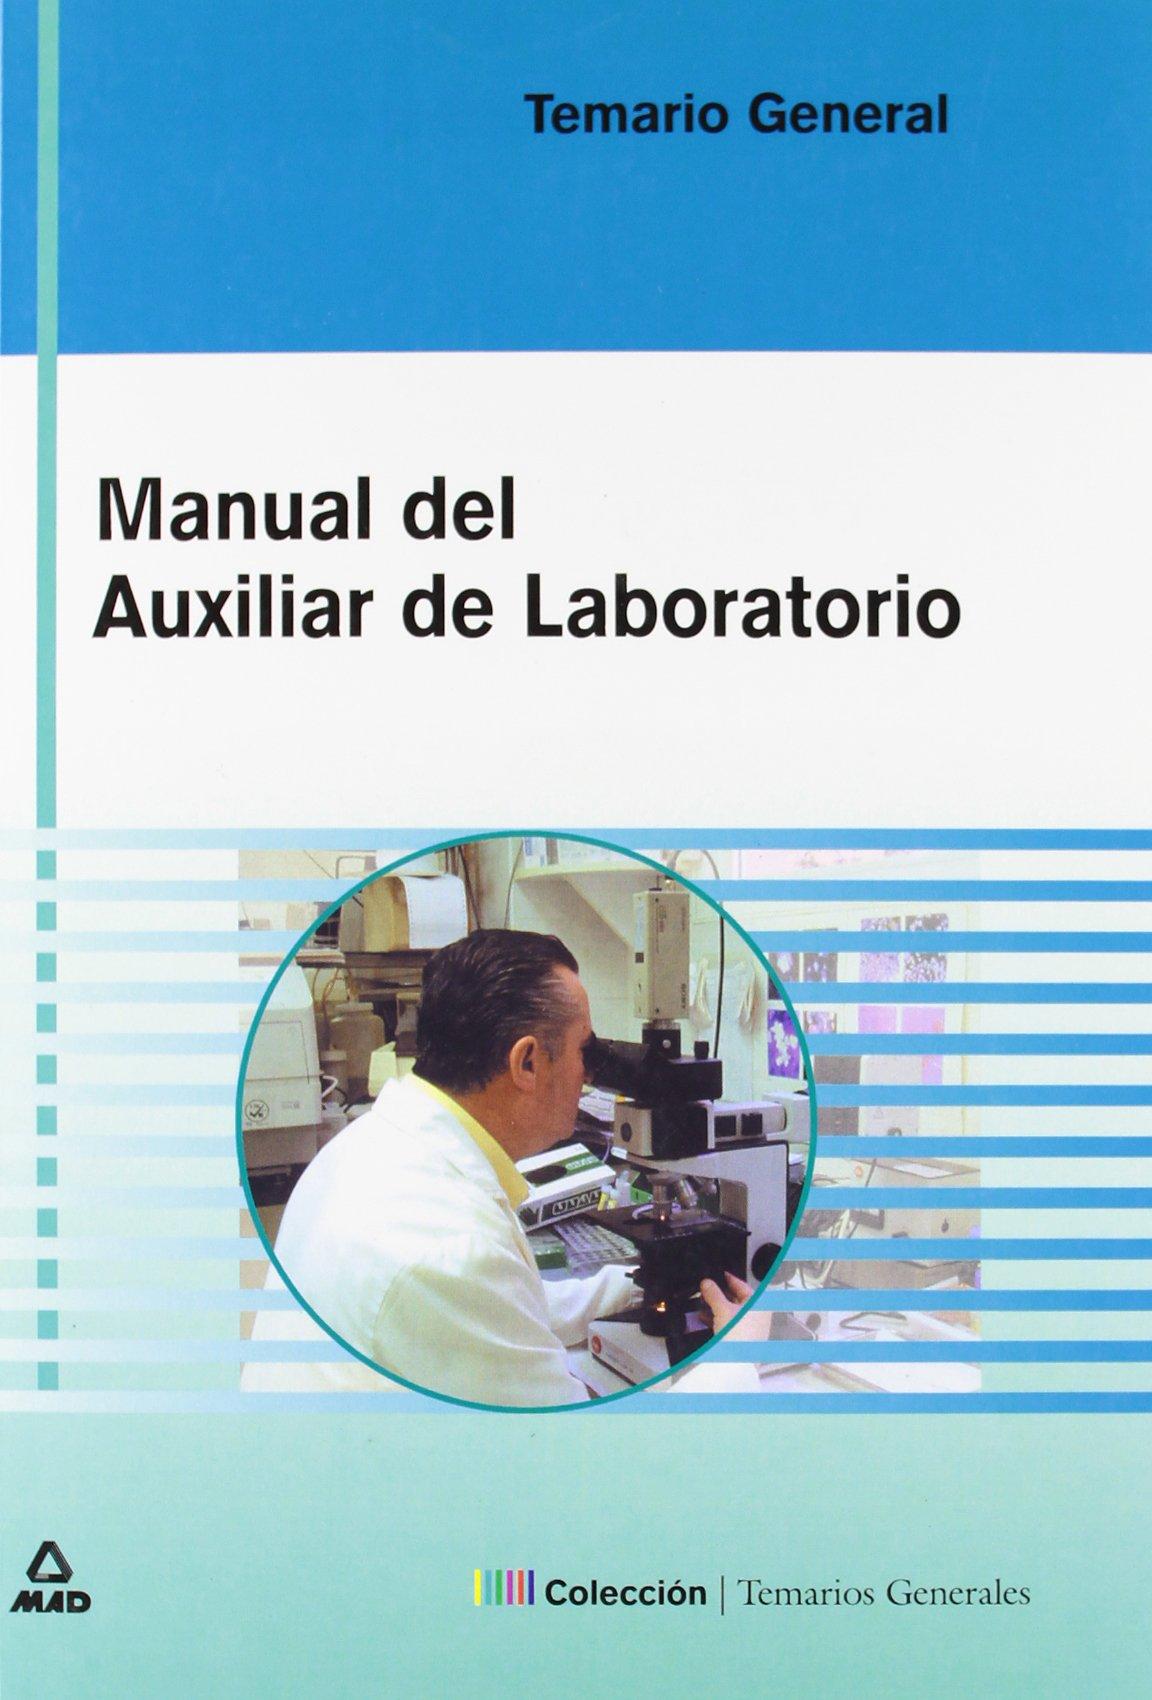 Download MANUAL DEL AUXILIAR DE LABORATORIO. TEMARIO (Spanish Edition) ebook